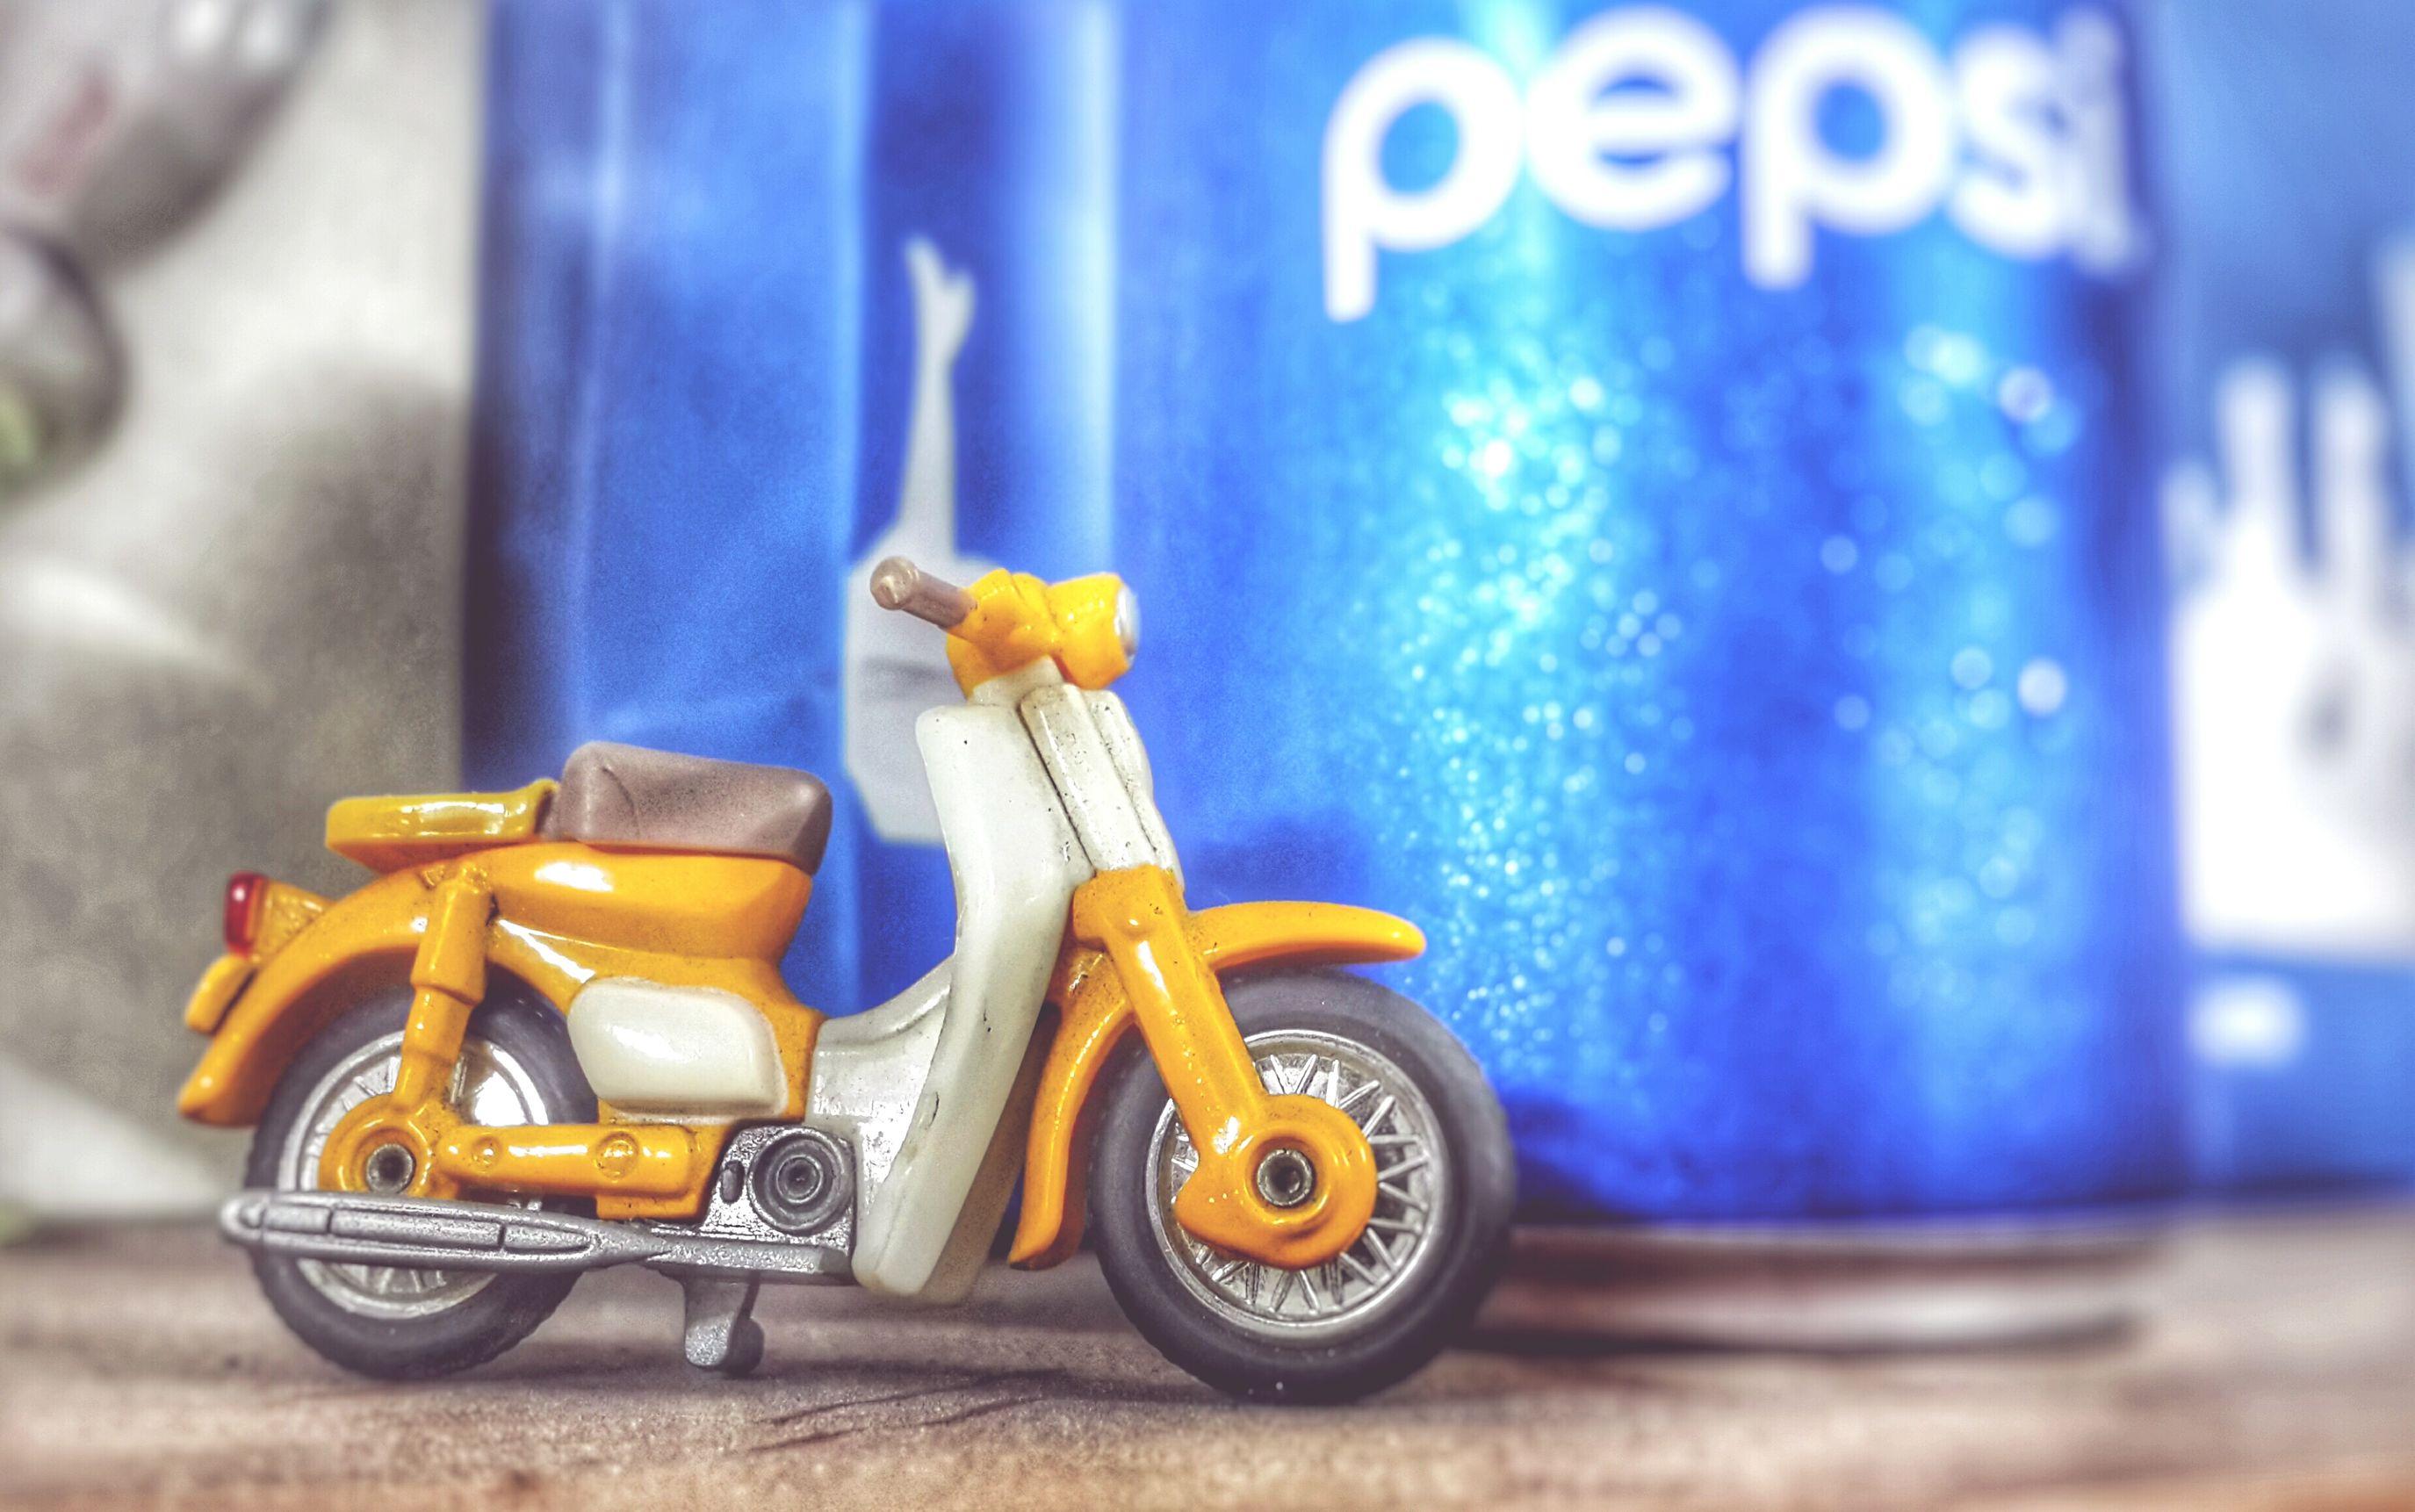 Có chiếc xe đem ra chụp quài.. :) Snapseed Cup50 Saigon